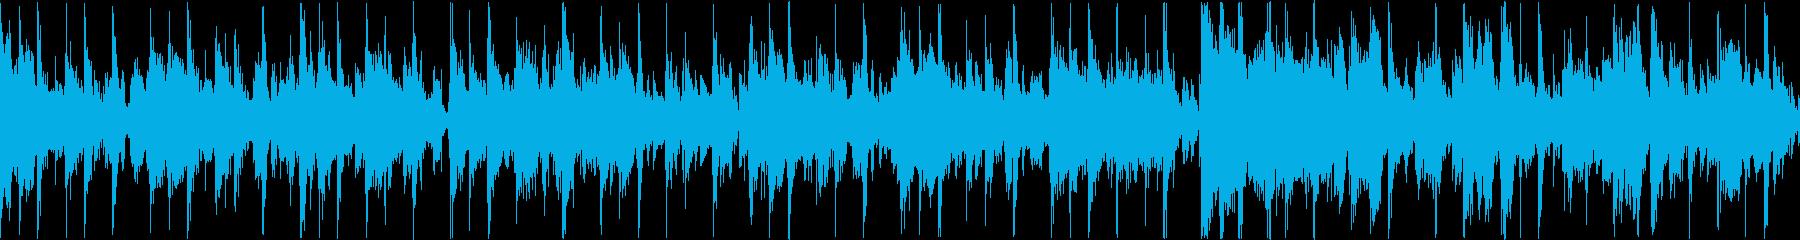 ファンクギターのクールなトラックの再生済みの波形